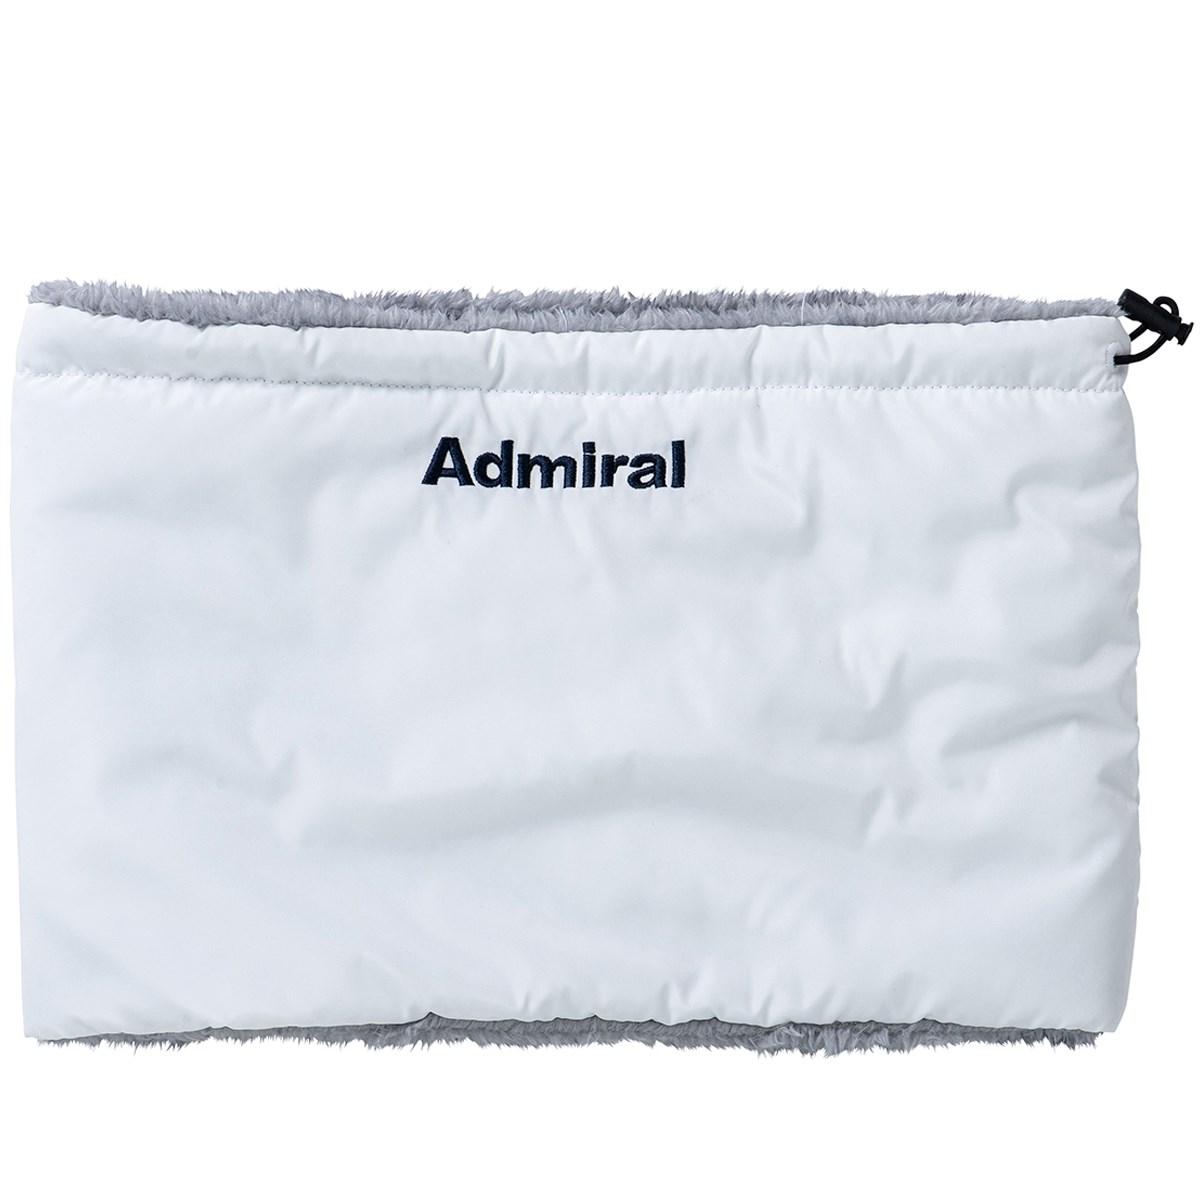 アドミラル Admiral ファーネックウォーマー ホワイト 00 フリー レディス